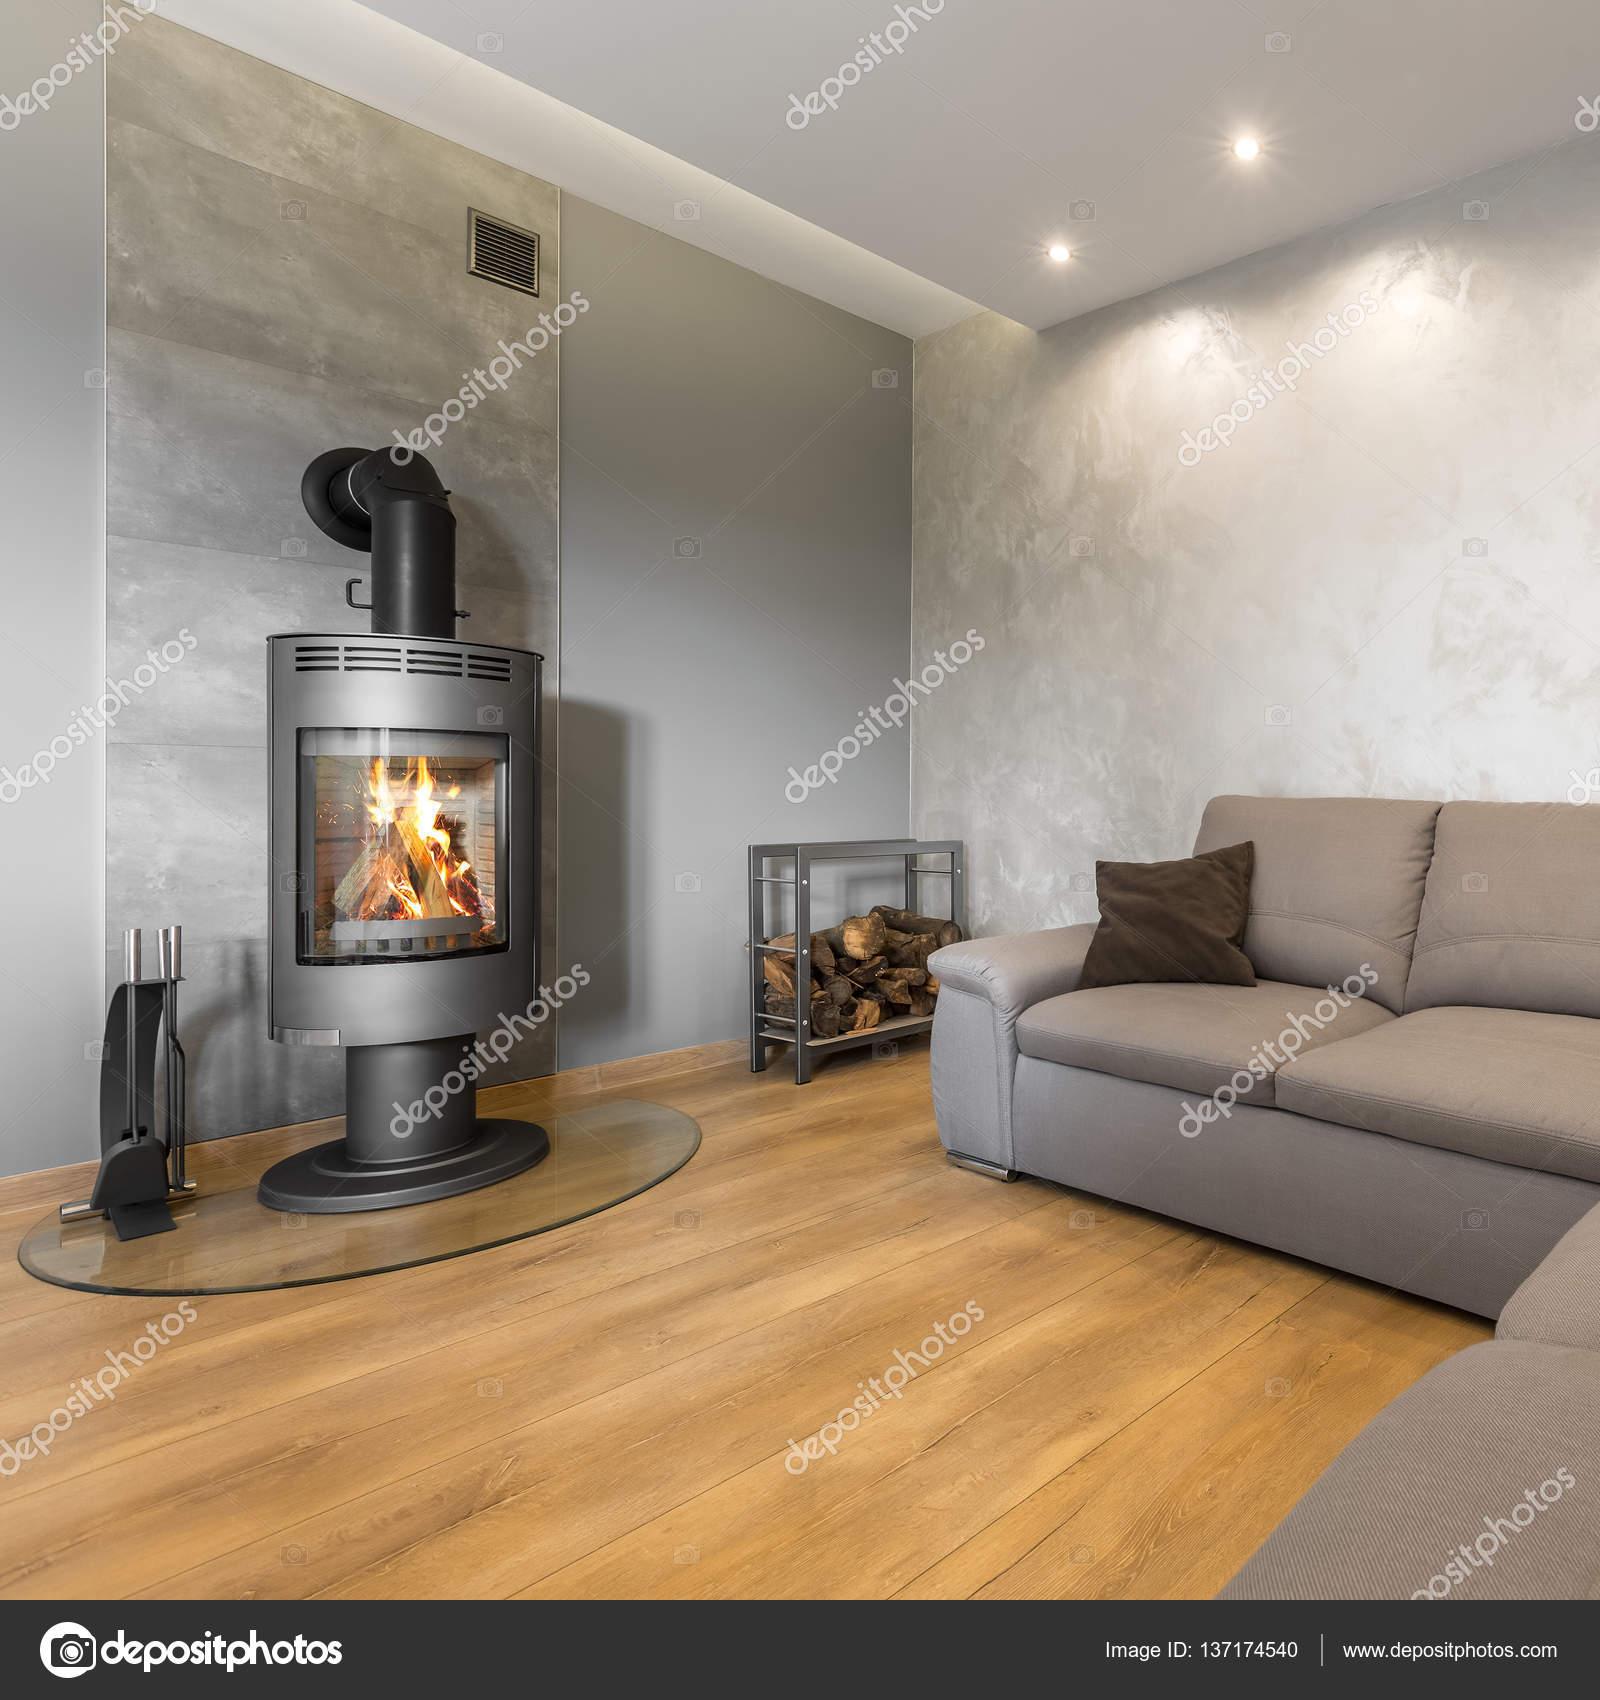 Wohnzimmer Mit Dekorativer Wandschmuck Stockfoto